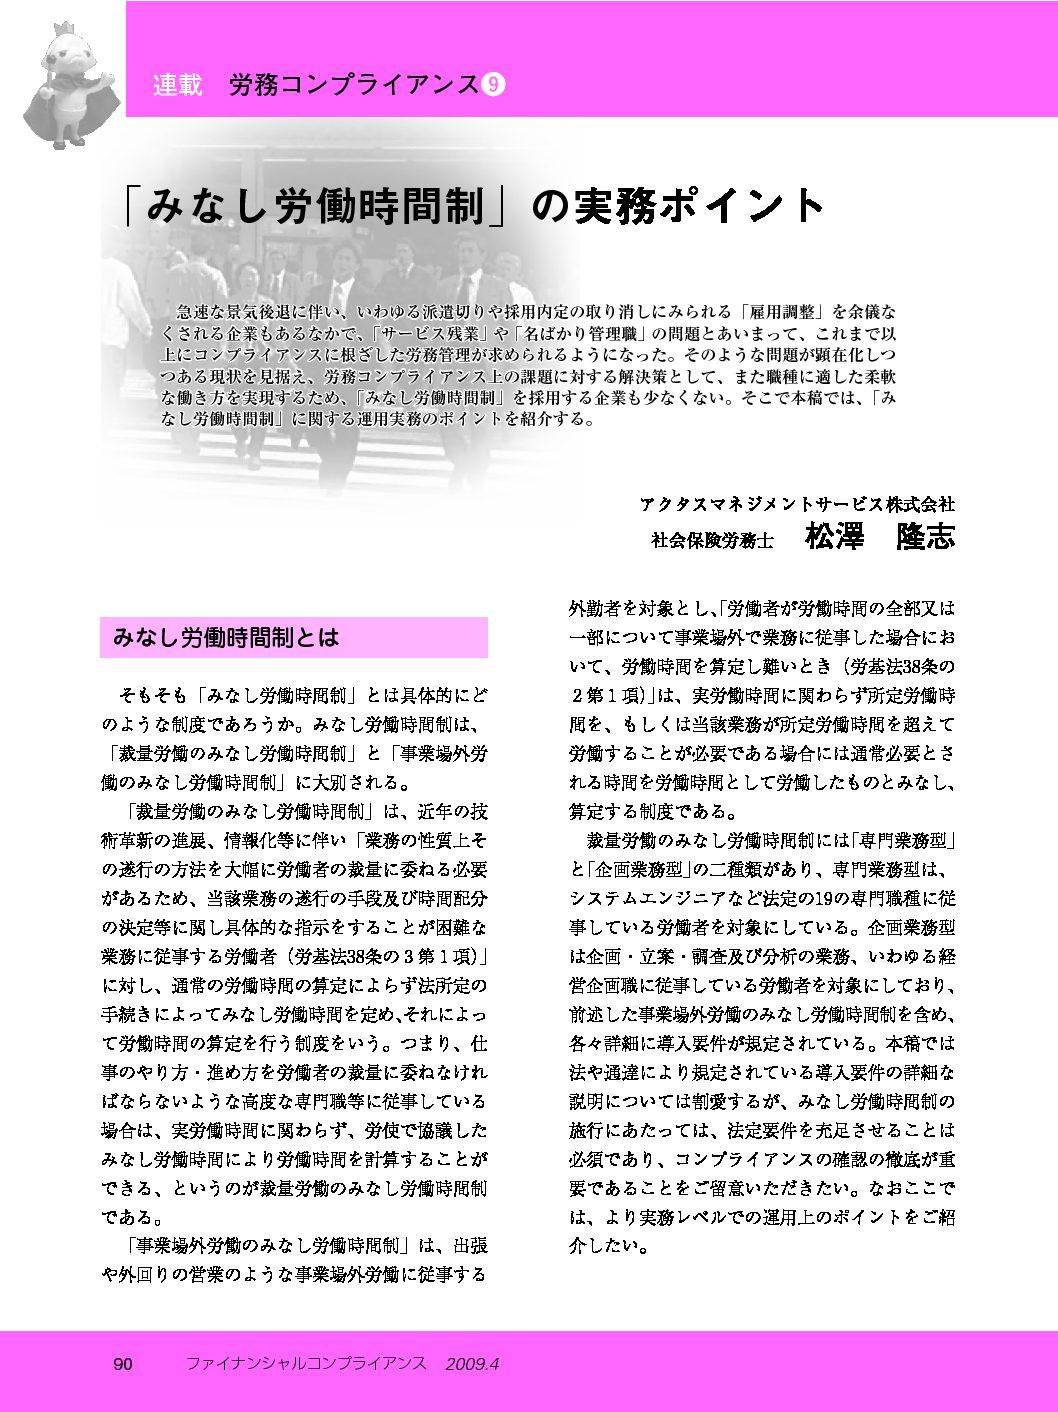 労務コンプライアンス(第9回) 「みなし労働時間制」の実務ポイント